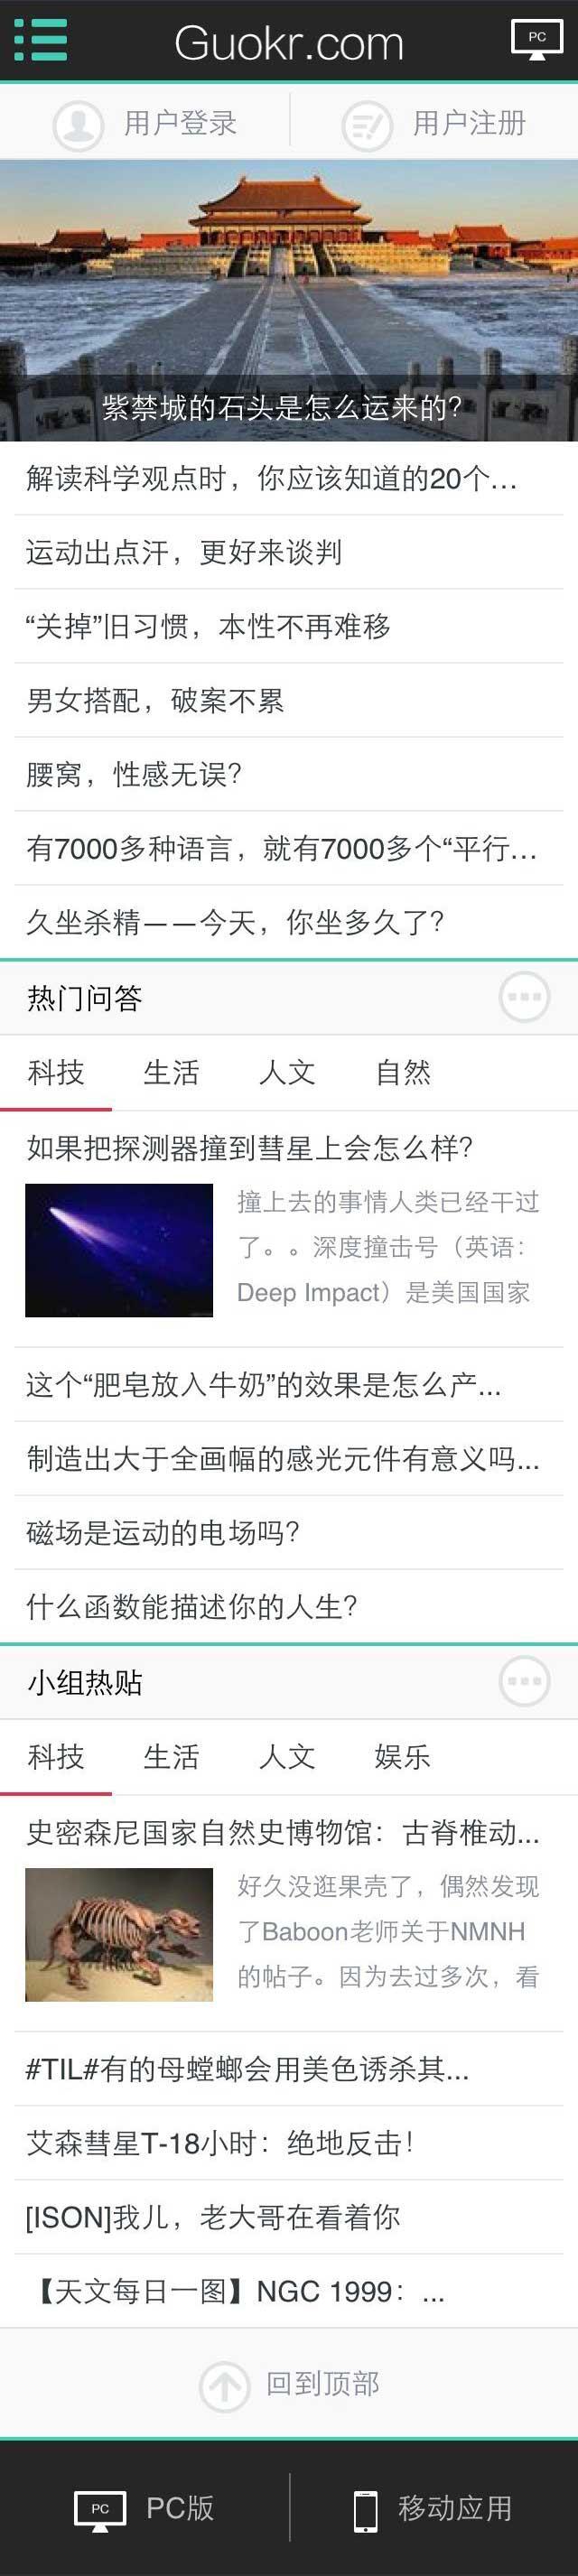 生活资讯_仿手机果壳网生活资讯wap网站模板 - 素材火